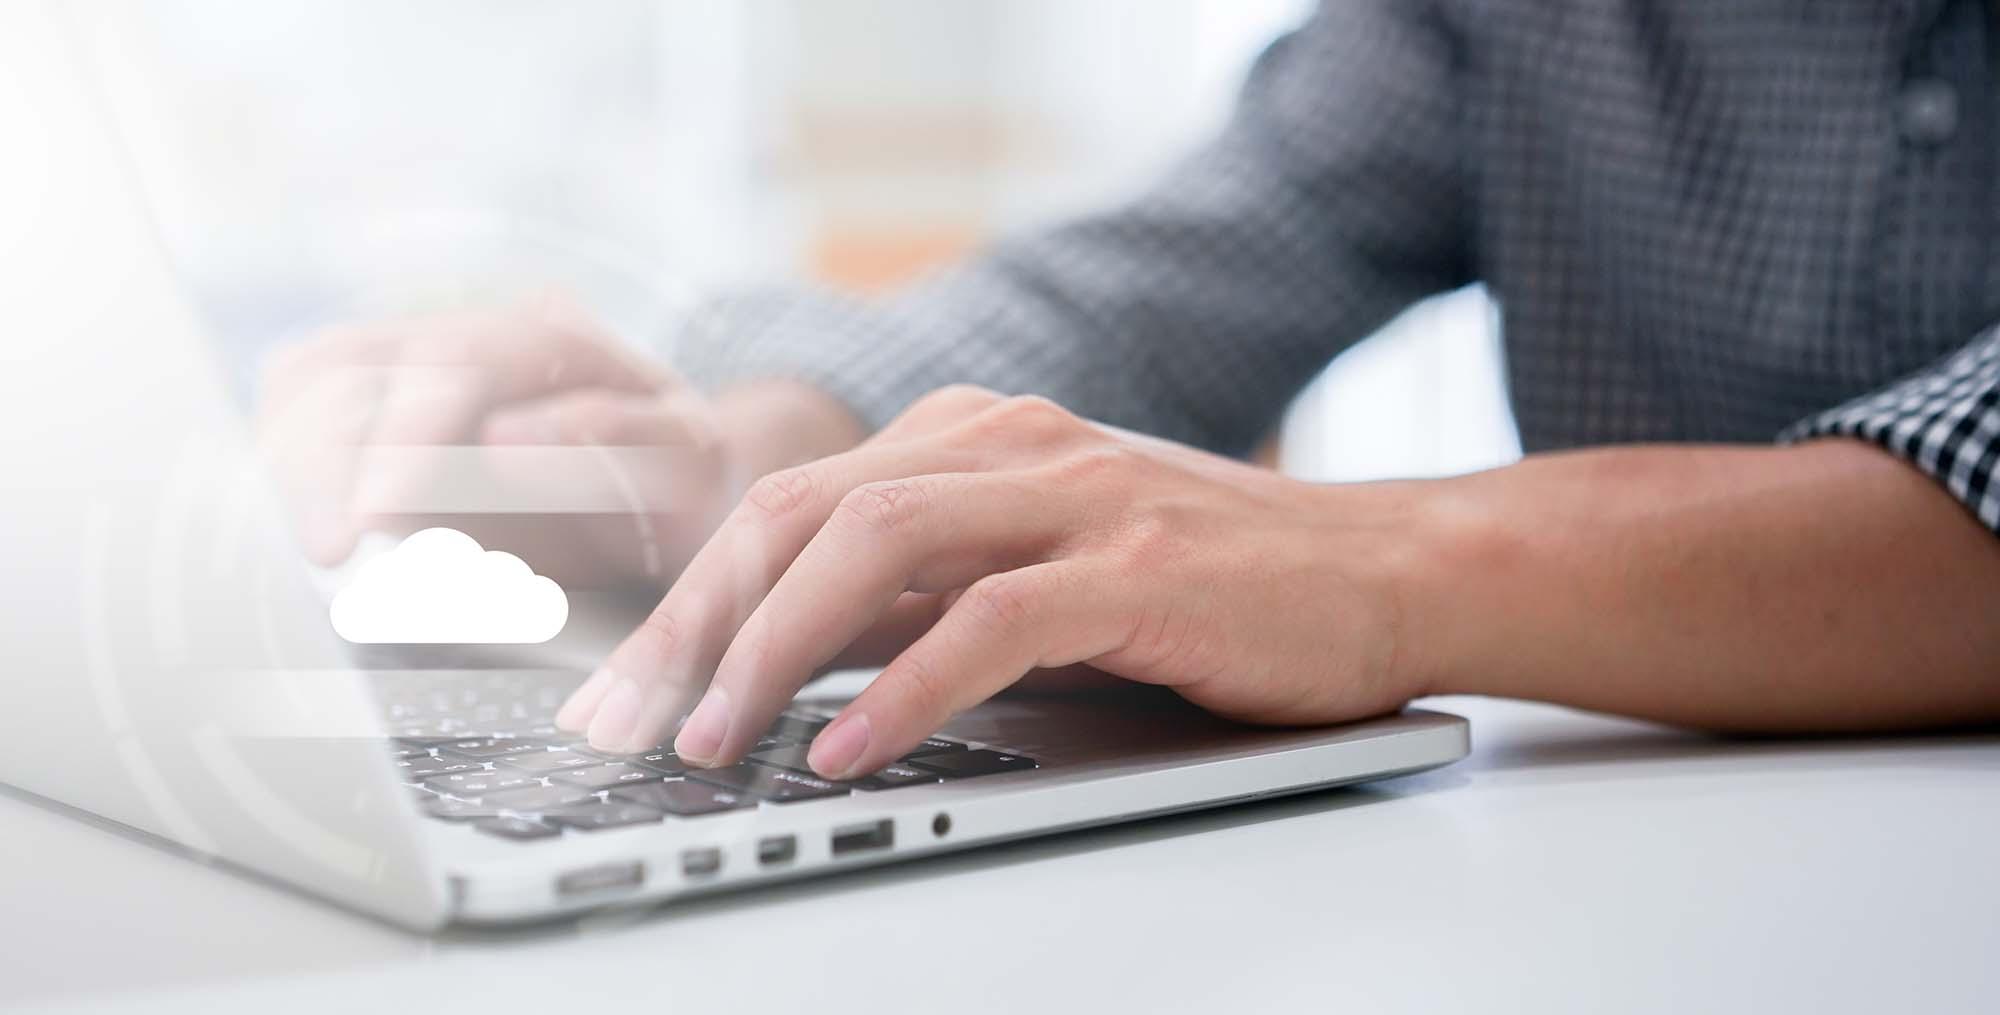 typing on laptop